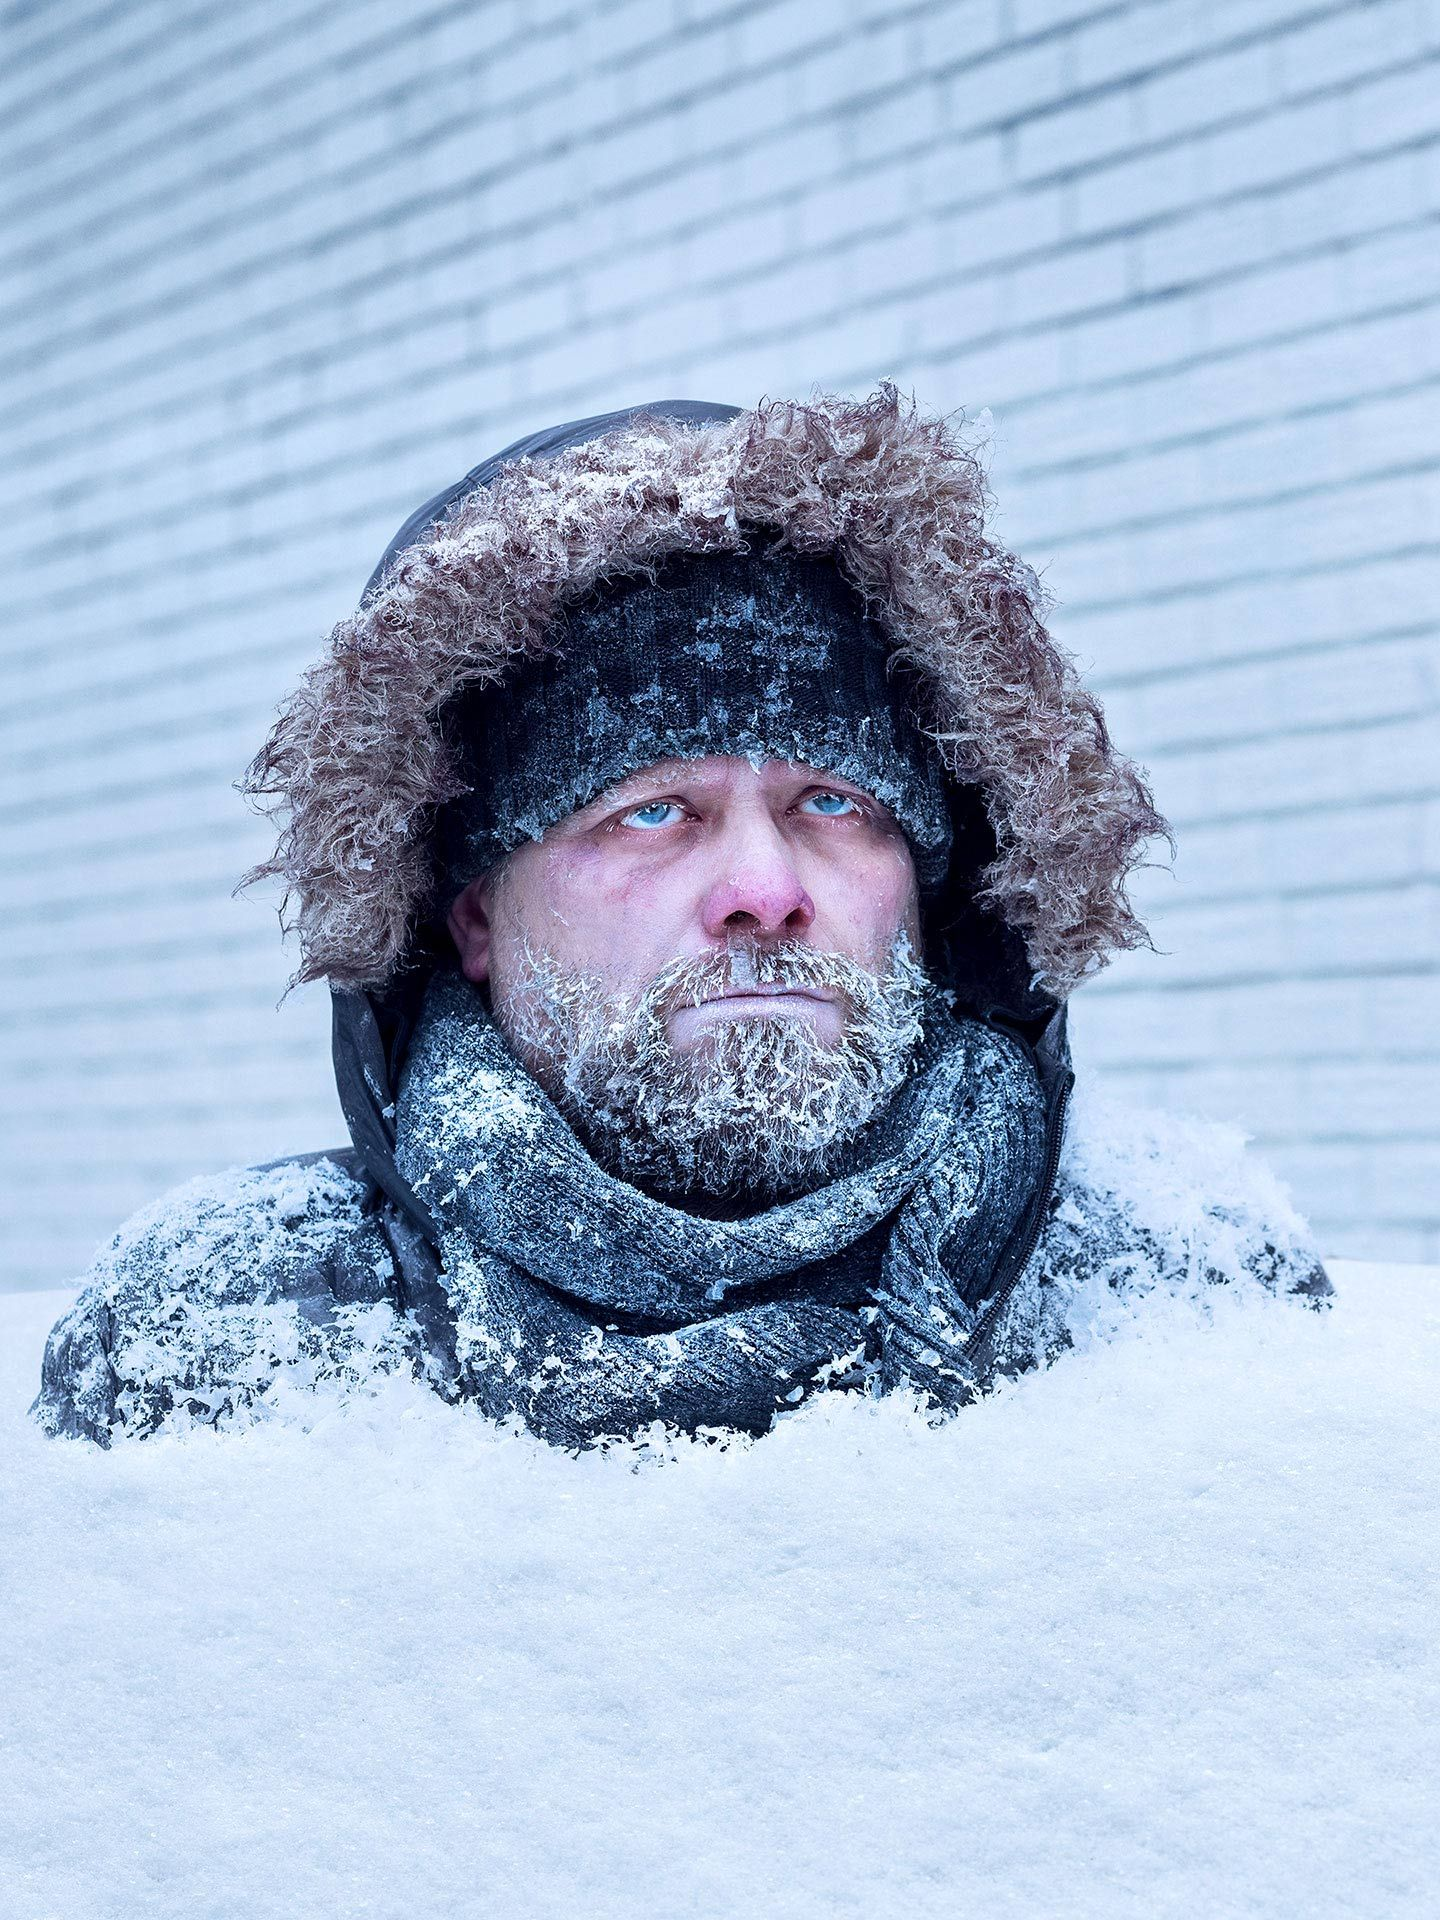 man frozen in snow by Jocelyn Michel for Transit